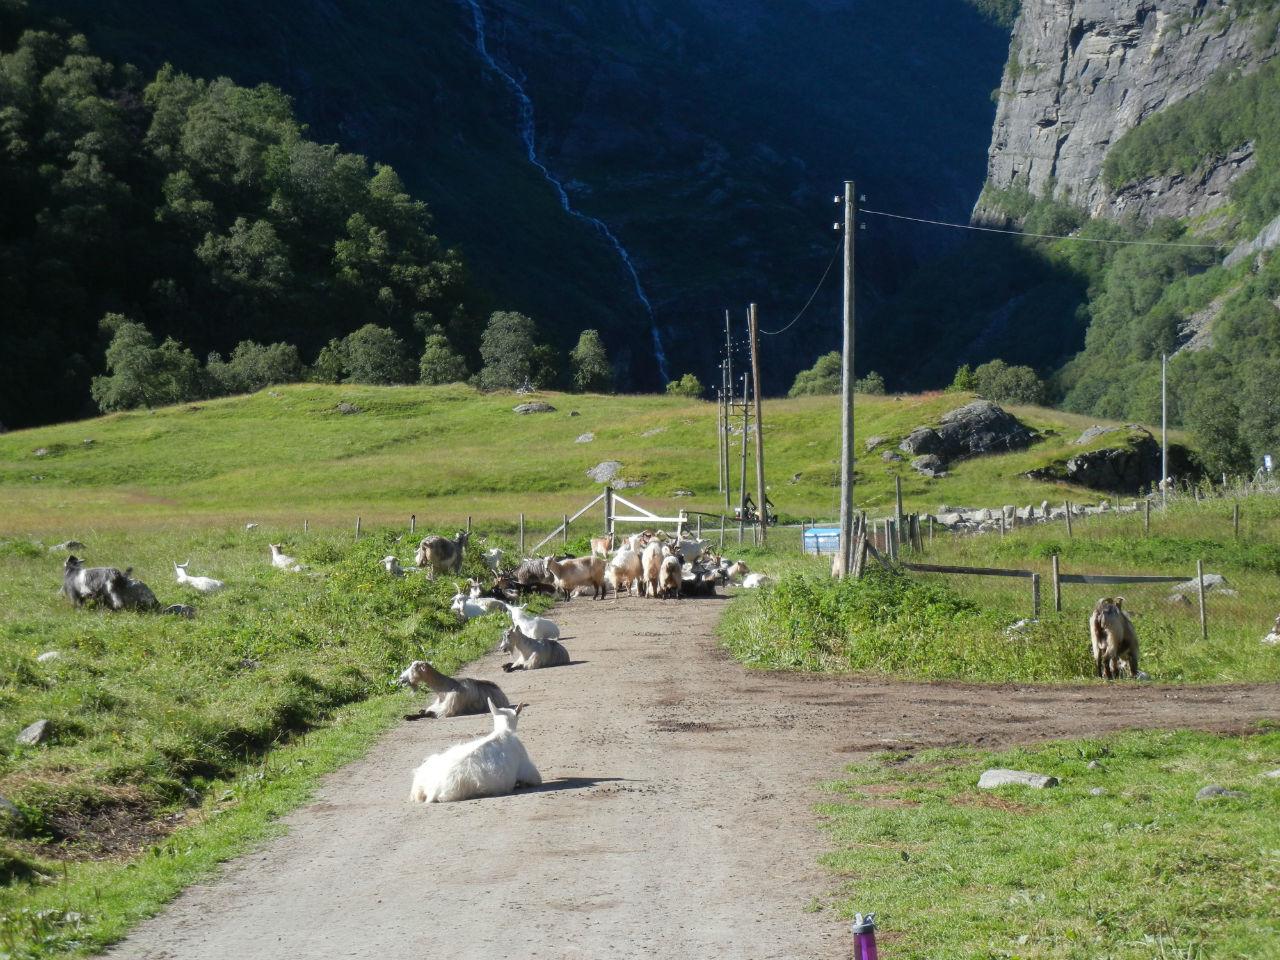 Kardal — cамая высокогорная ферма Фломской долины. Здесь придется притормозить... Финсе, Норвегия